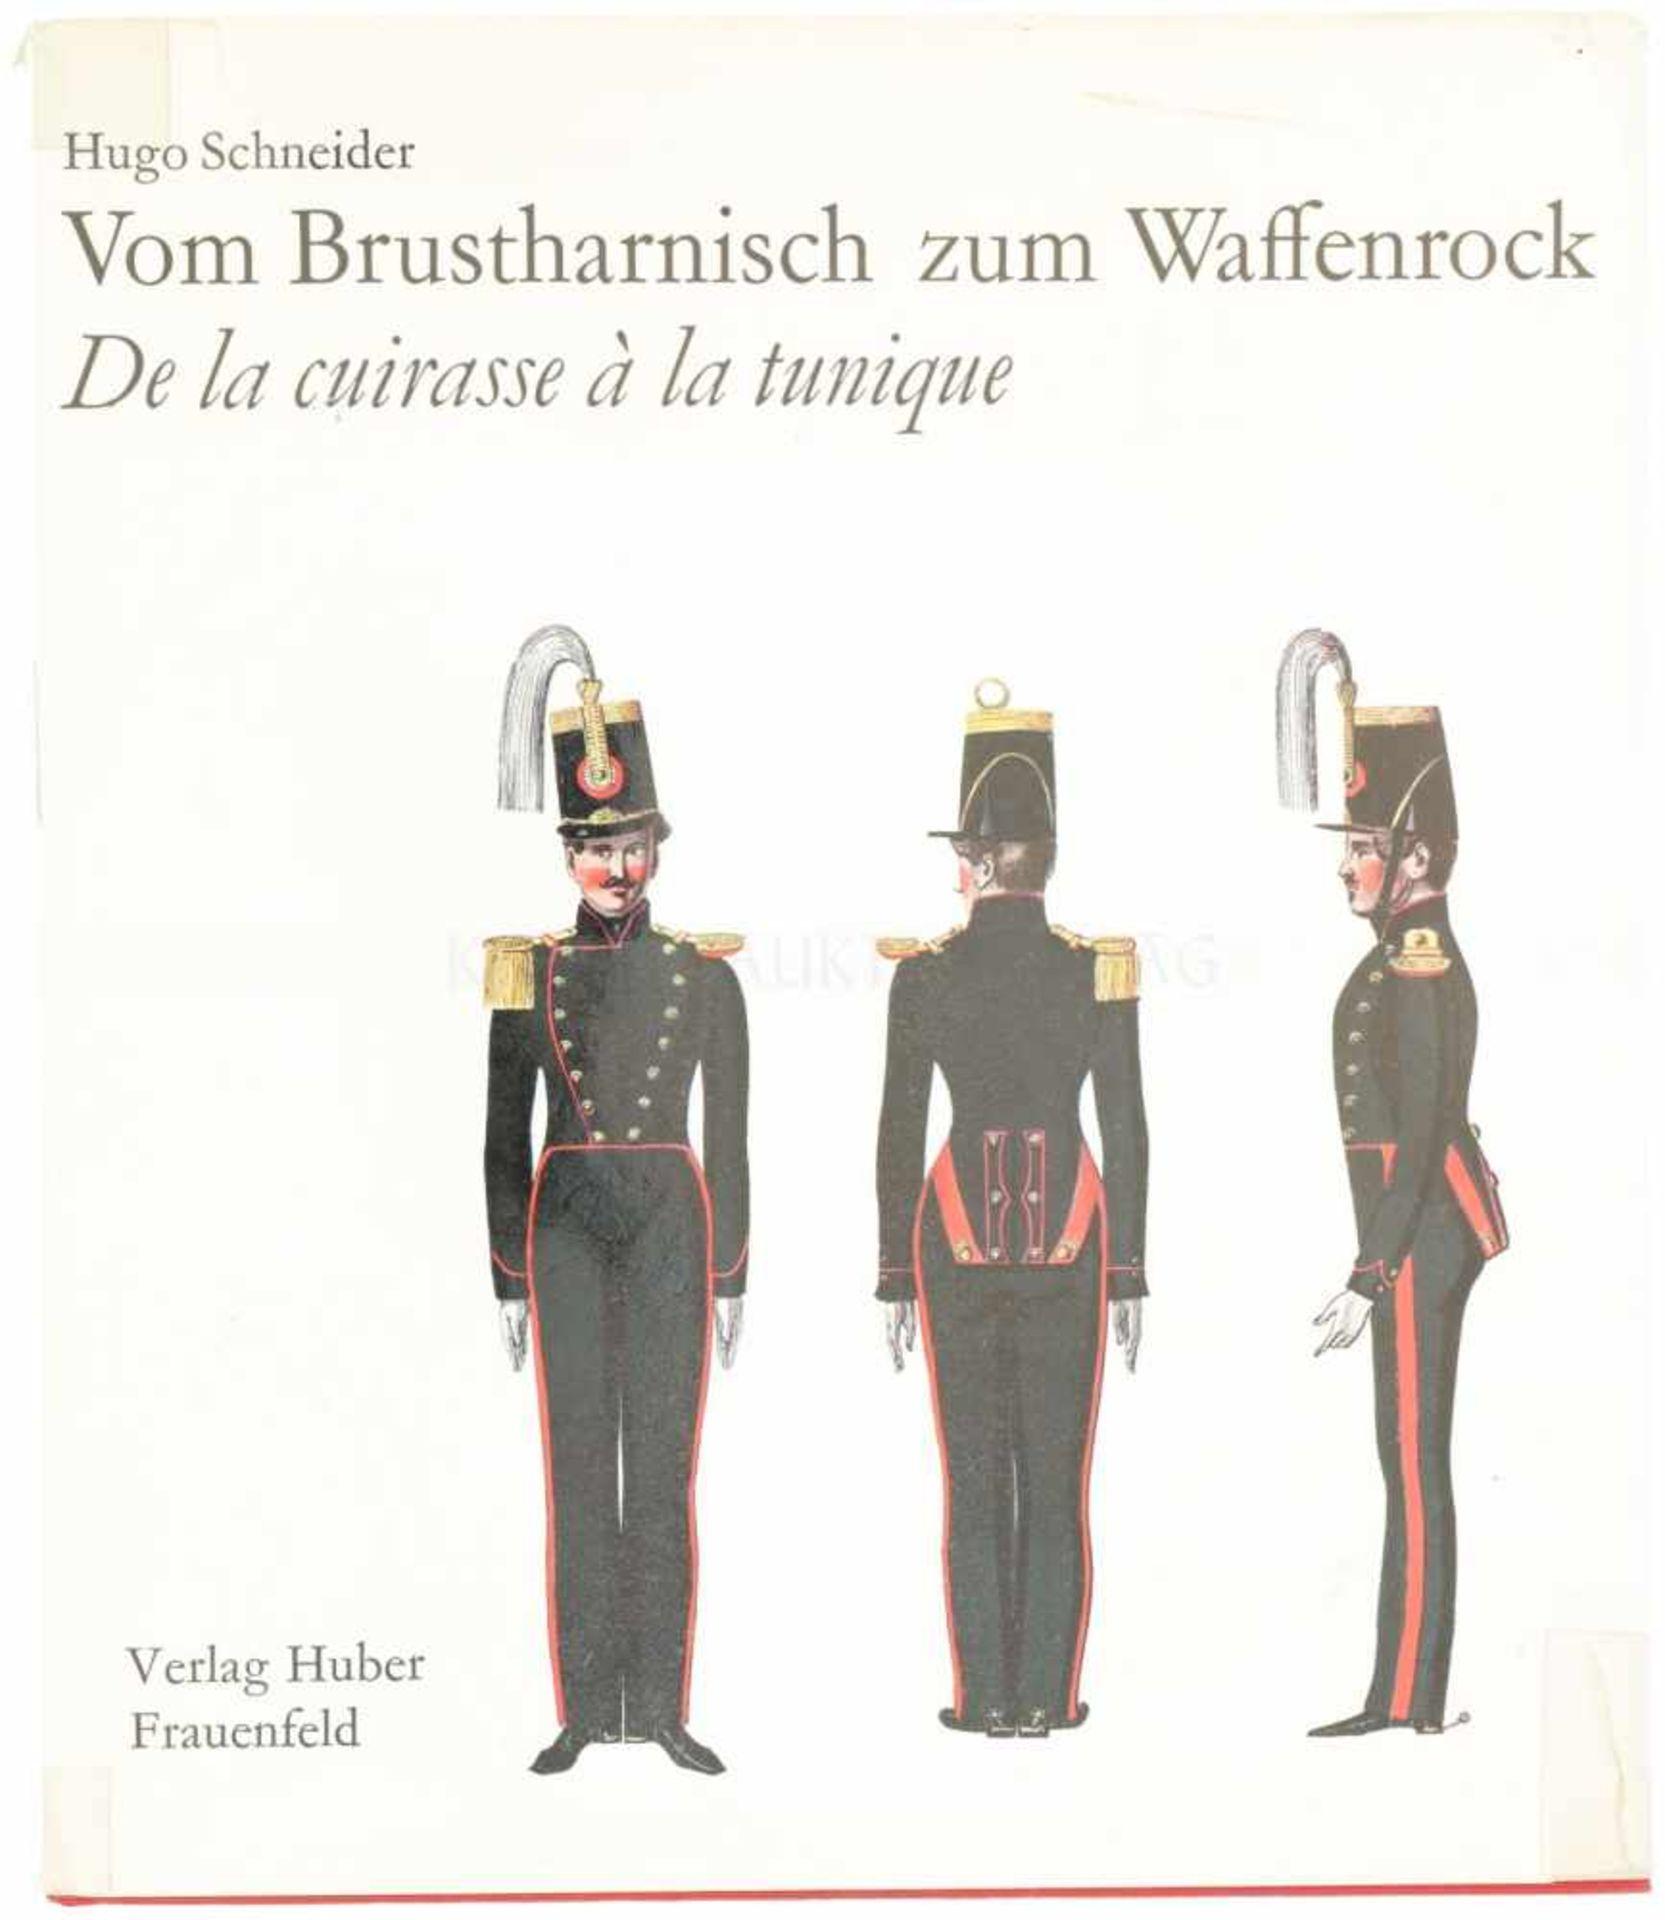 Vom Brustharnisch zum Waffenrock, Autor Dr. Hugo Schneider